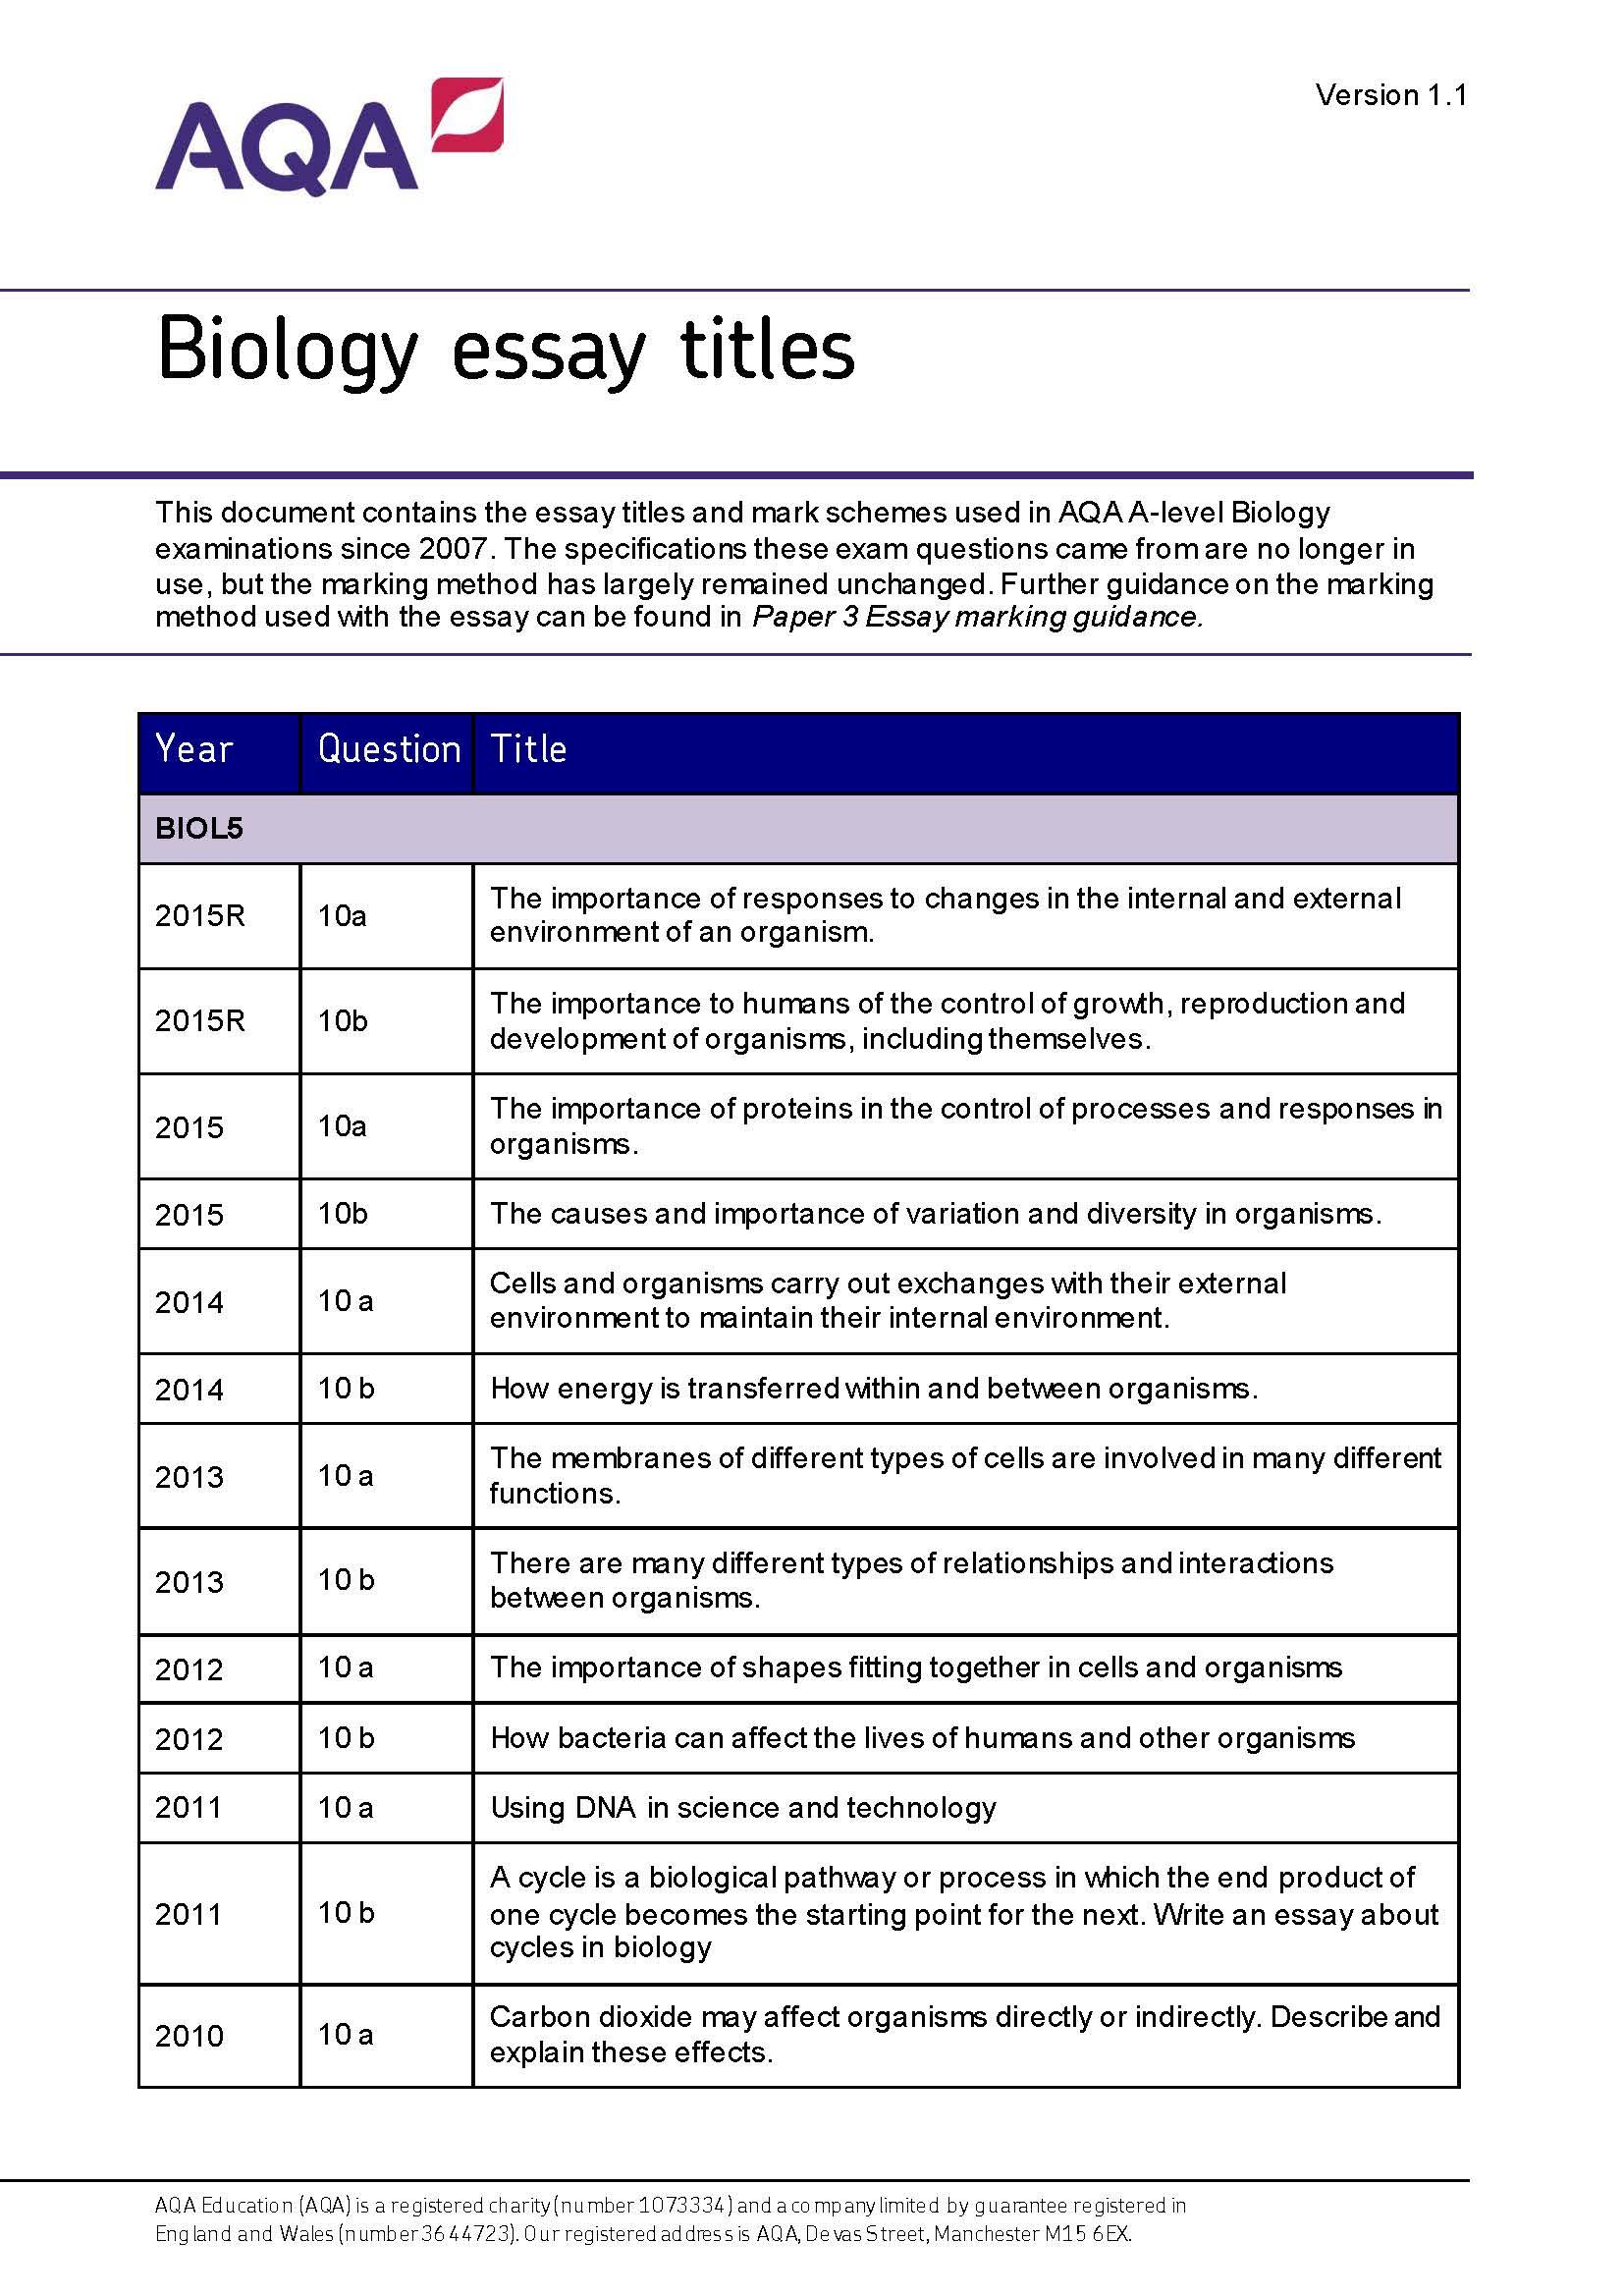 synoptic essay biology a2 aqa mark scheme